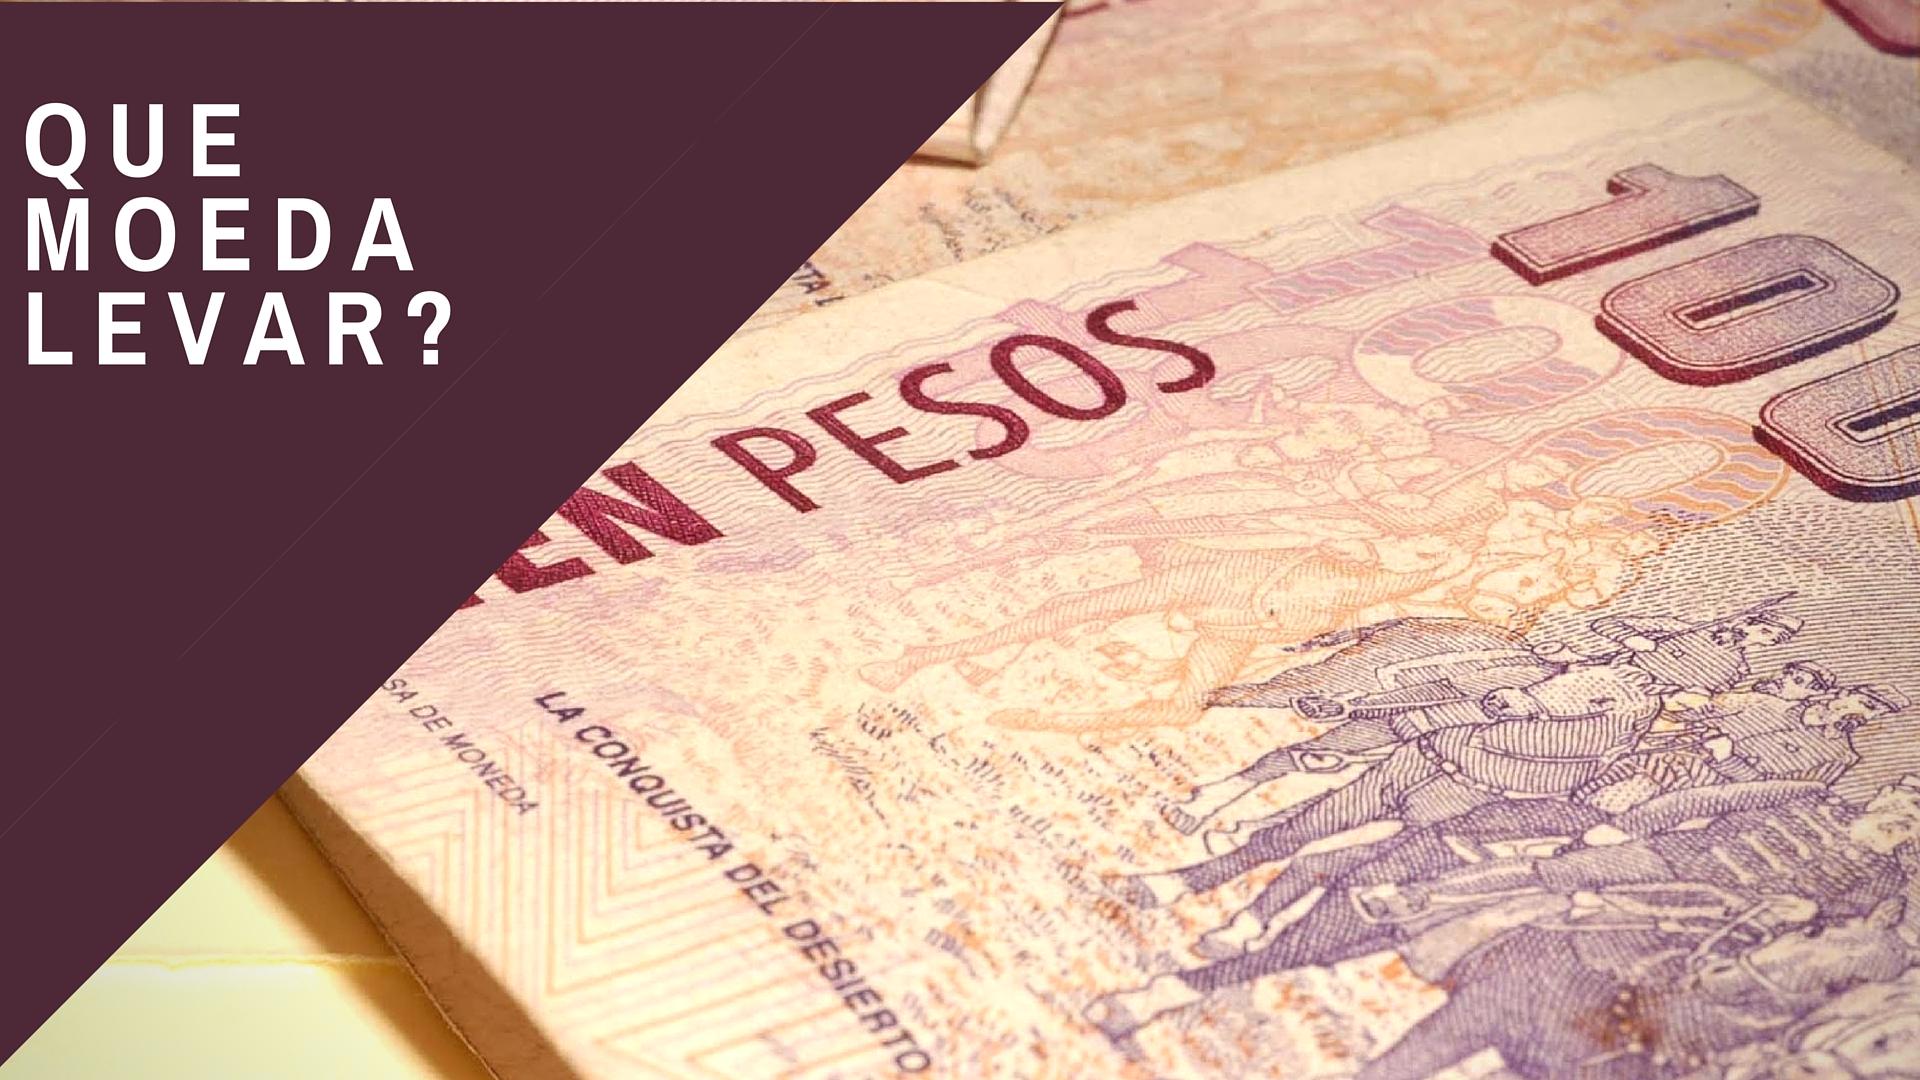 o-que-fazer-em-foz-do-iguaçu-pesos-ou-dolar-compras O que fazer em Foz do Iguaçu? Dicas de viajante